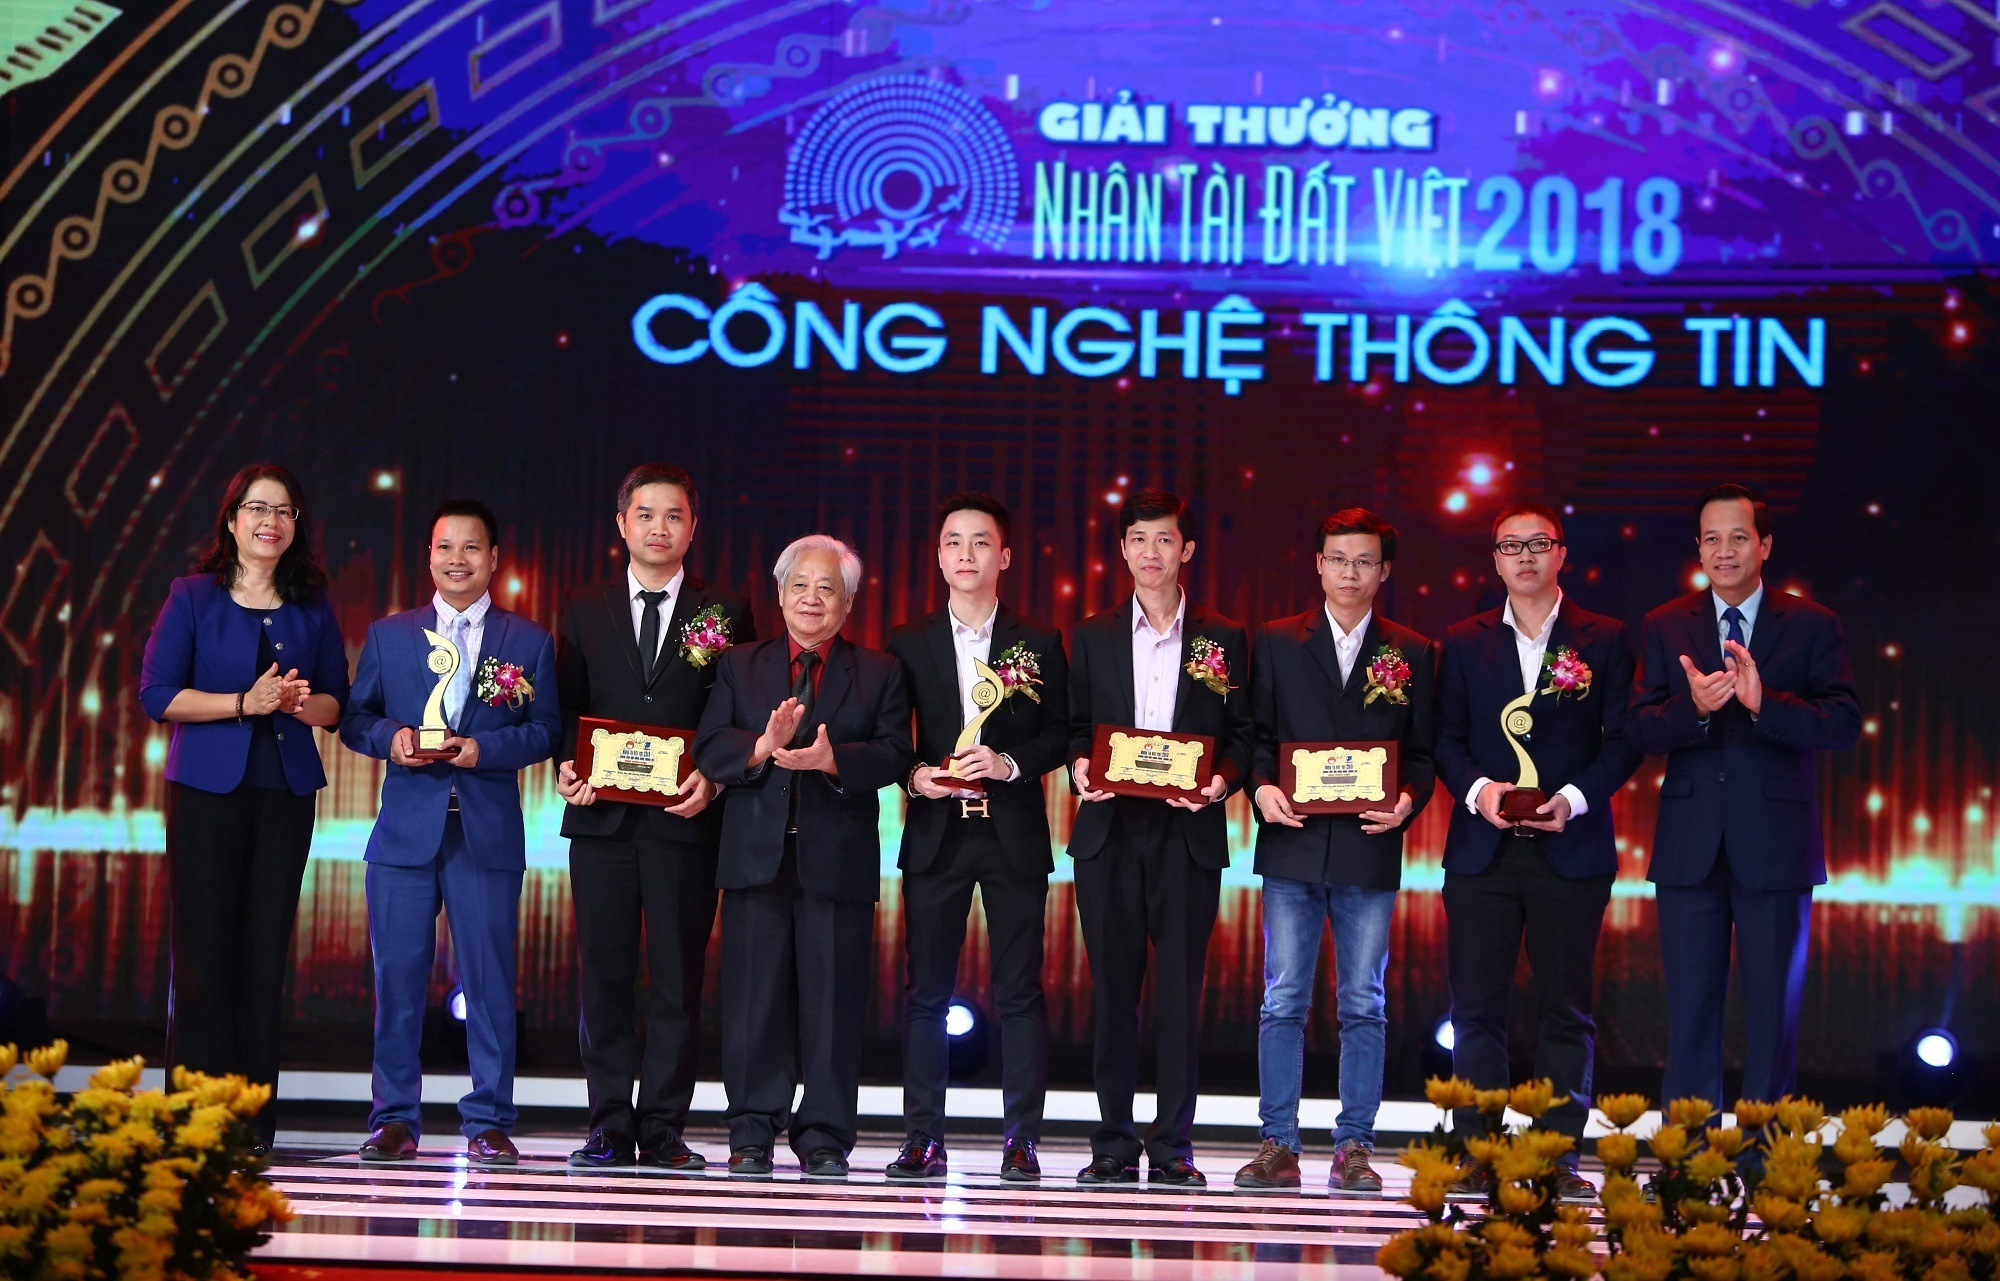 Giải thưởng Nhân tài Đất Việt luôn mở rộng cơ hội với mọi đối tượng trong xã hội - 4